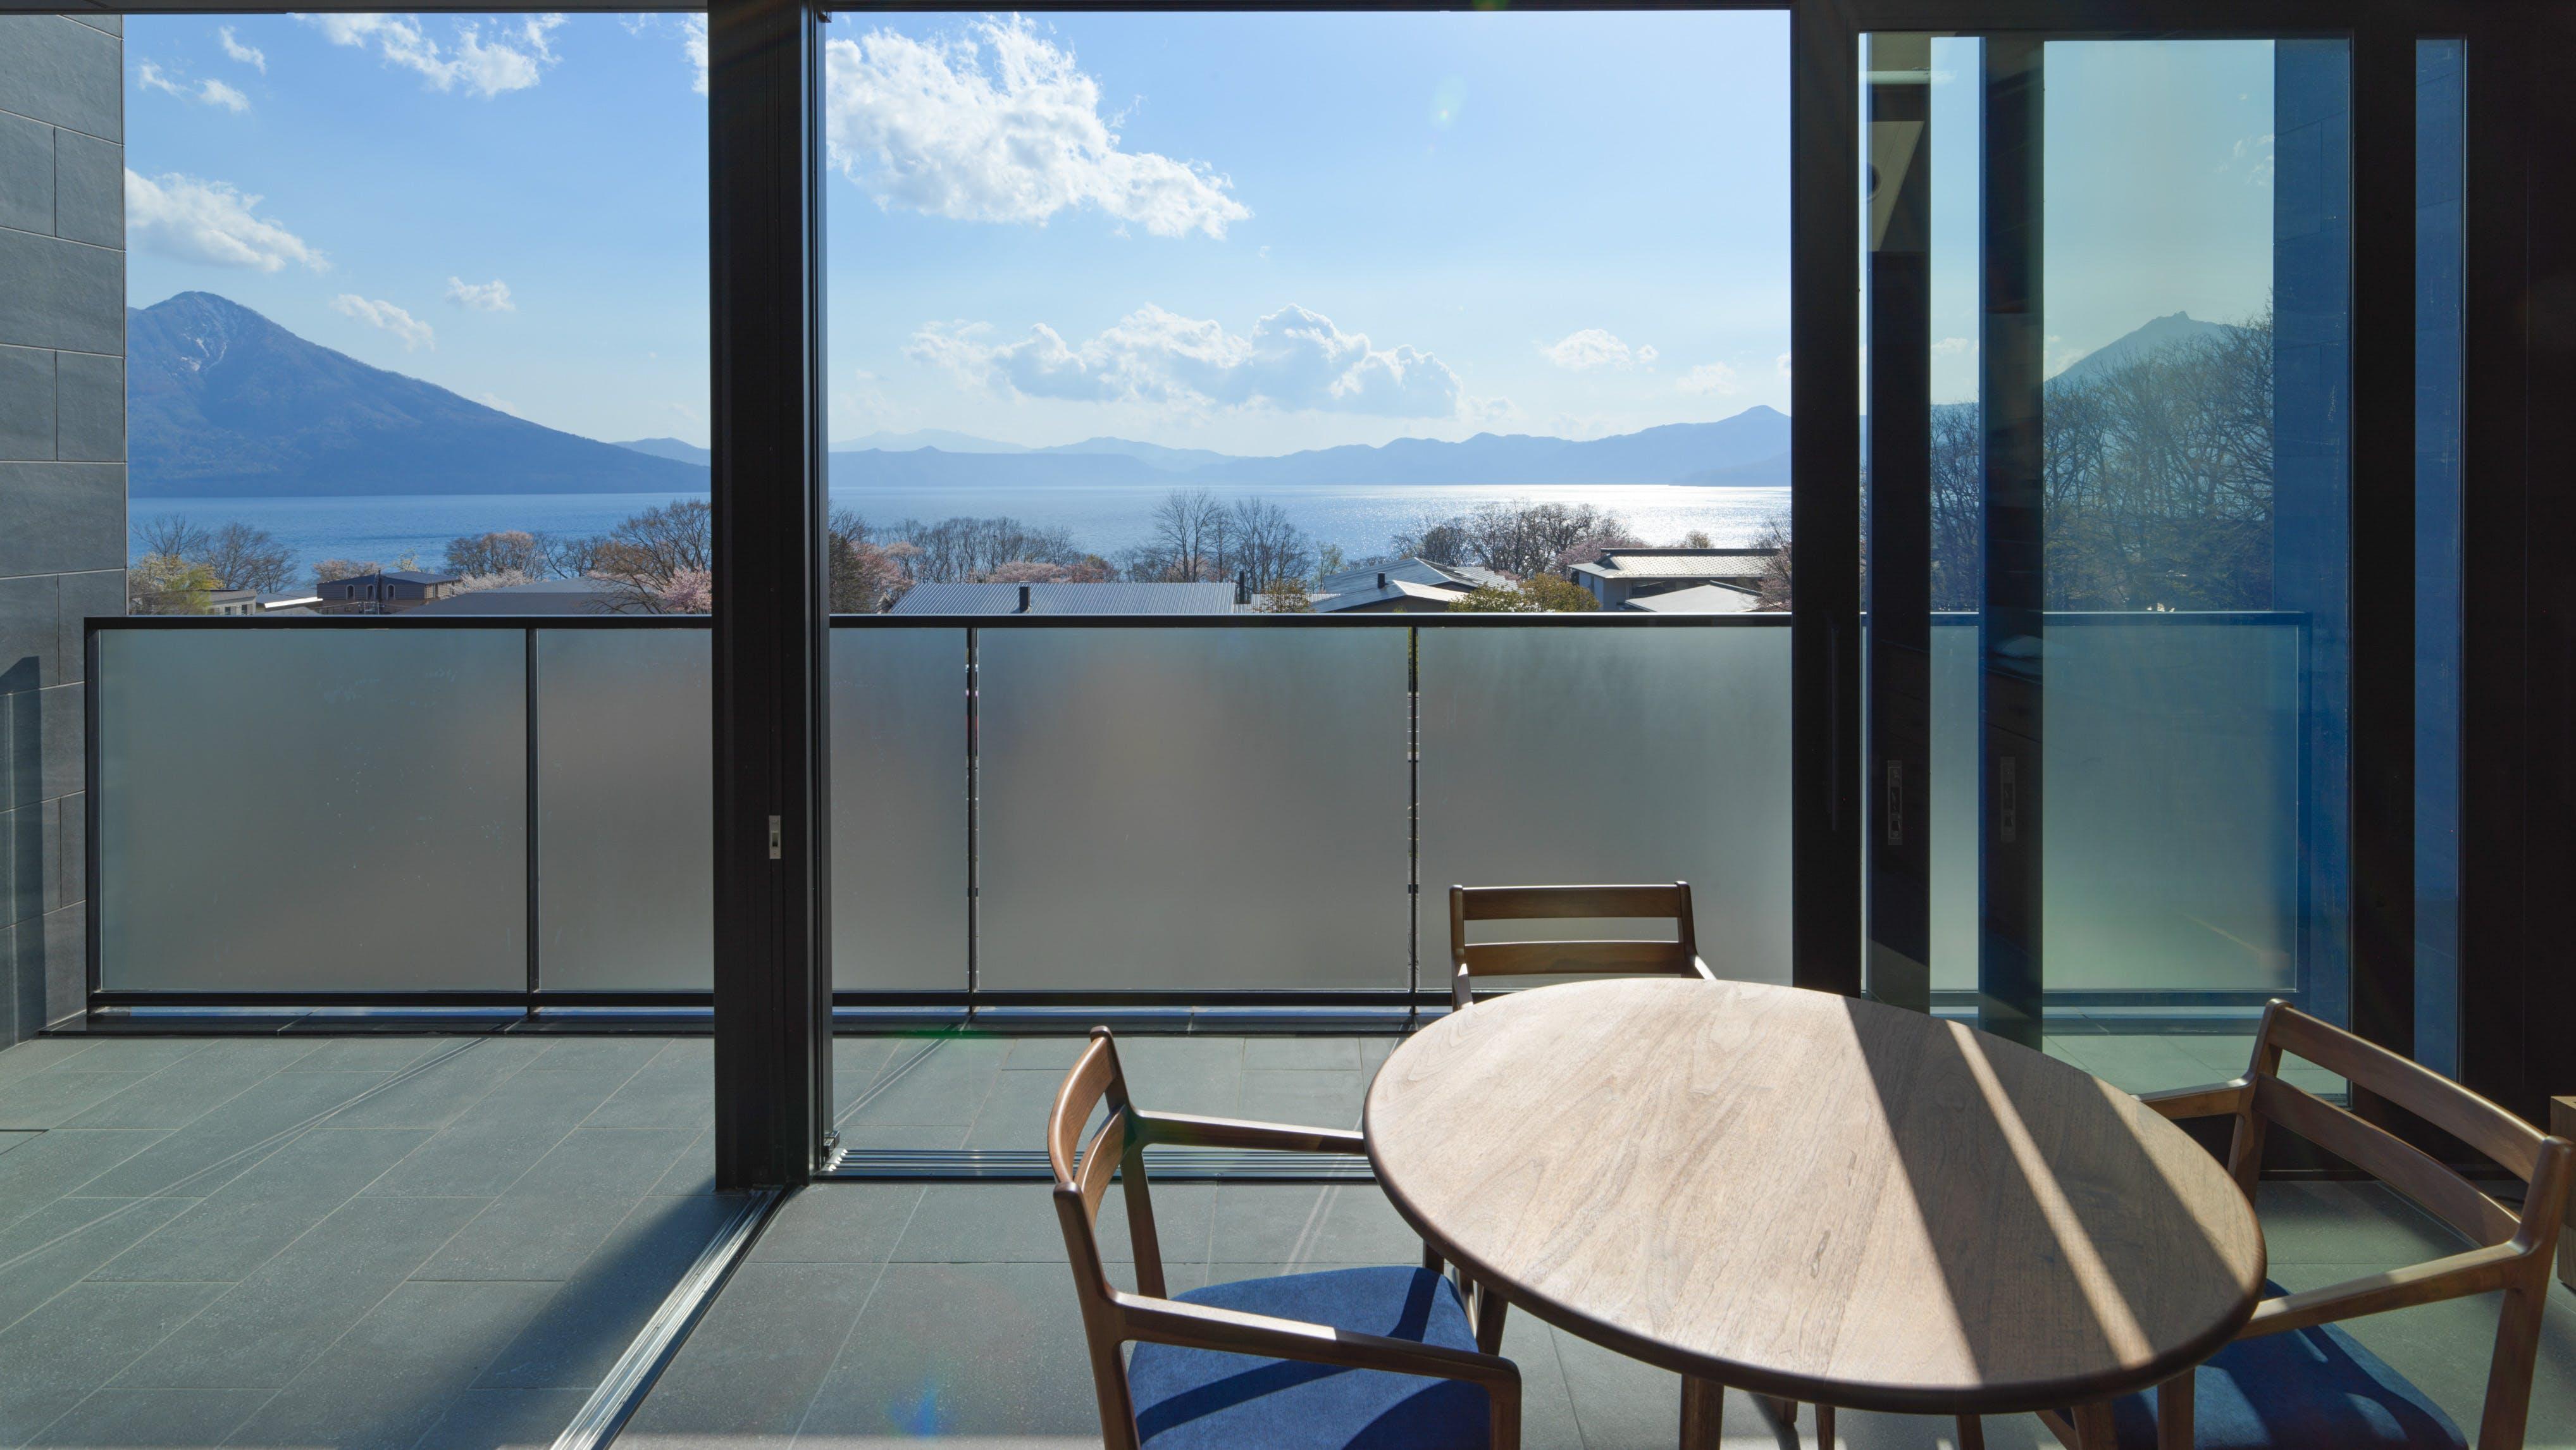 【取材】全室100平米超&露天風呂付!支笏湖畔に佇むラグジュアリー温泉宿